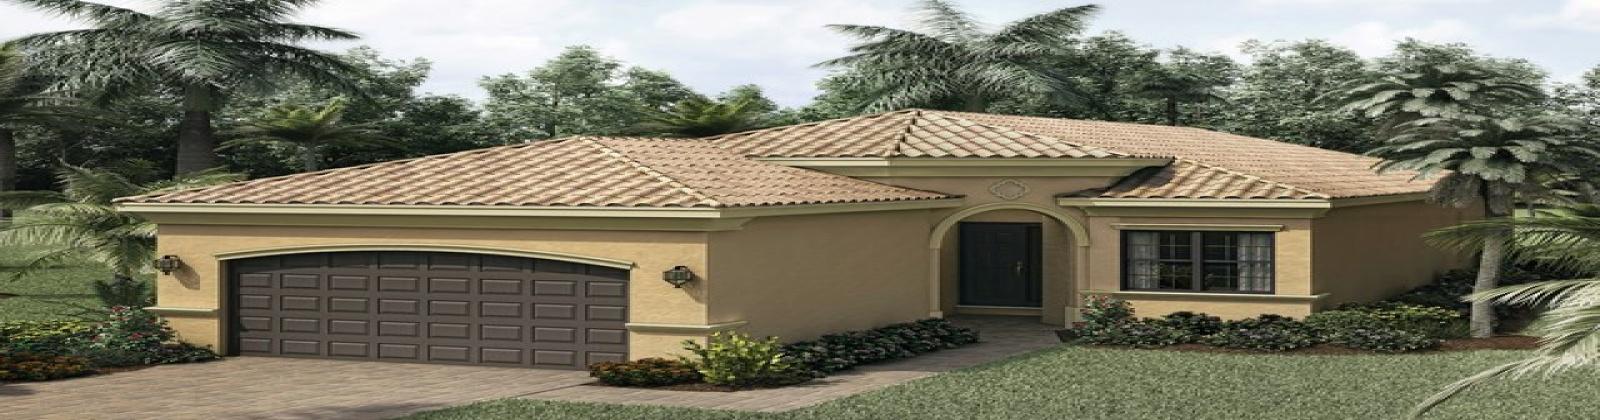 4113 Amelia Way,Naples,34119,3 Rooms Rooms,2 BathroomsBathrooms,Single Family,Amelia Way ,1007